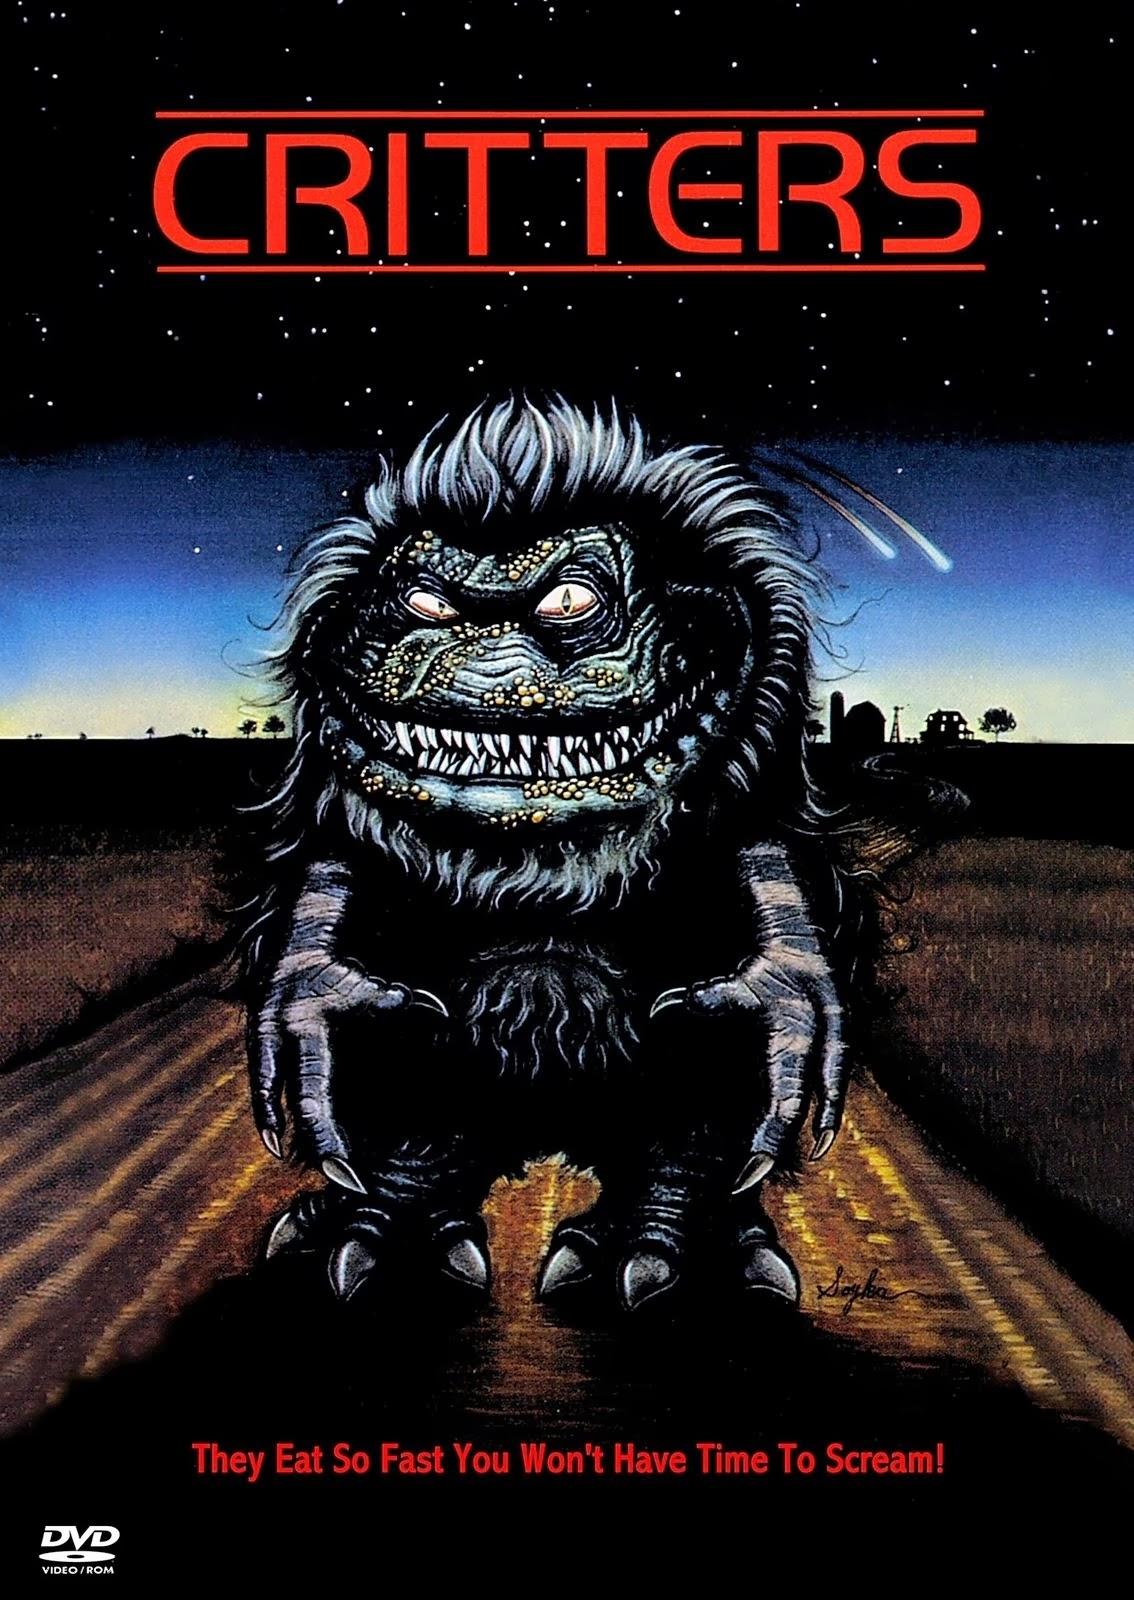 La Calavera - imagen del DVD de Critters